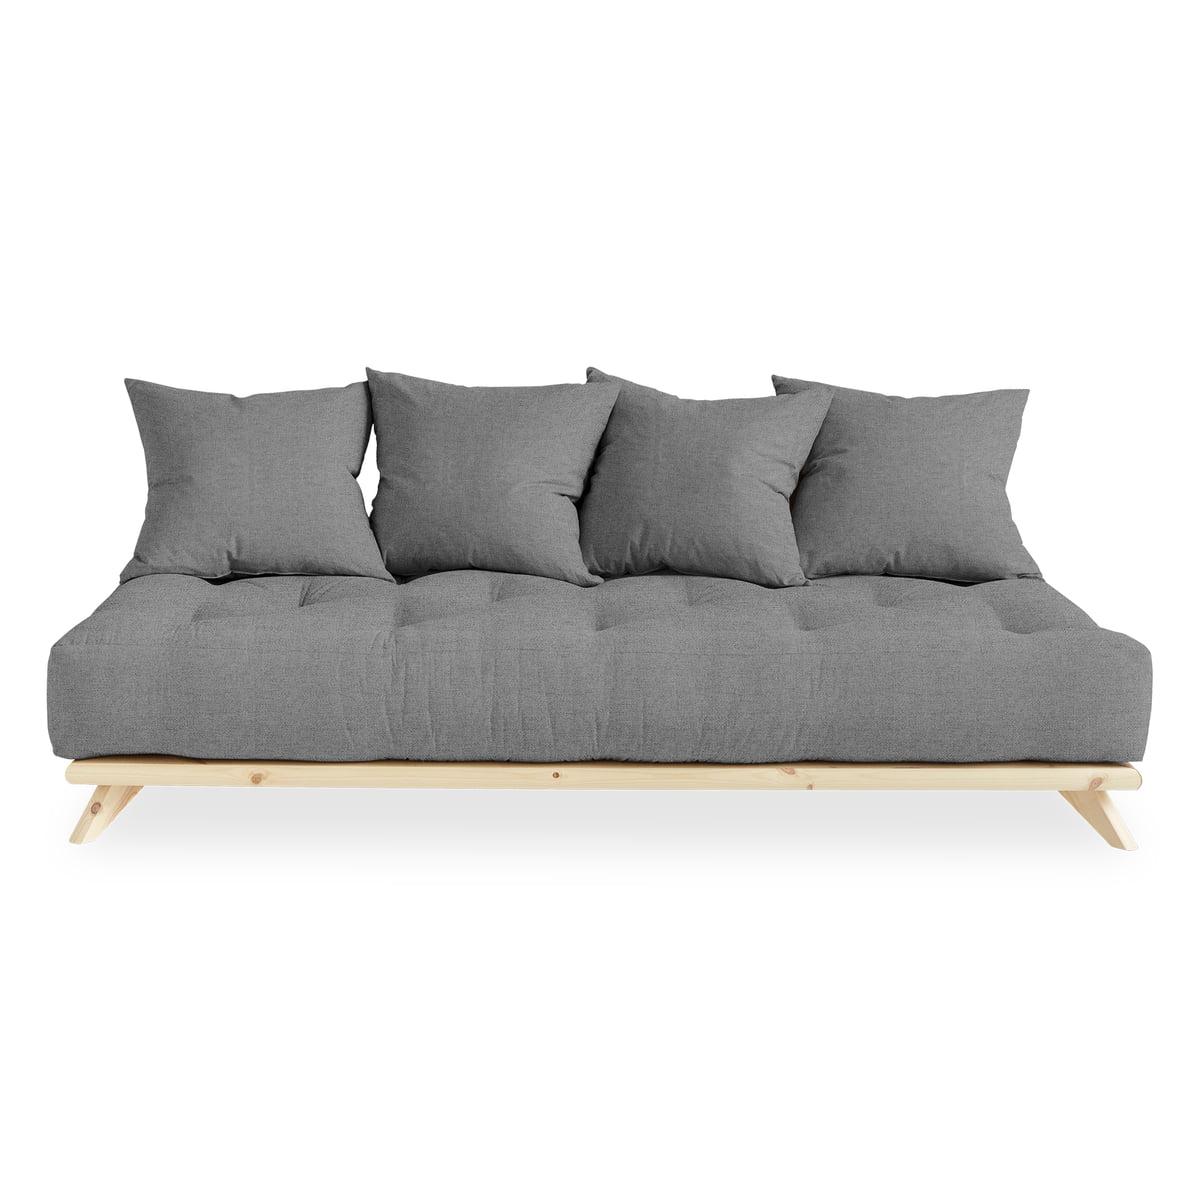 Karup Design Senza Sofa Natural Granite Grey 314